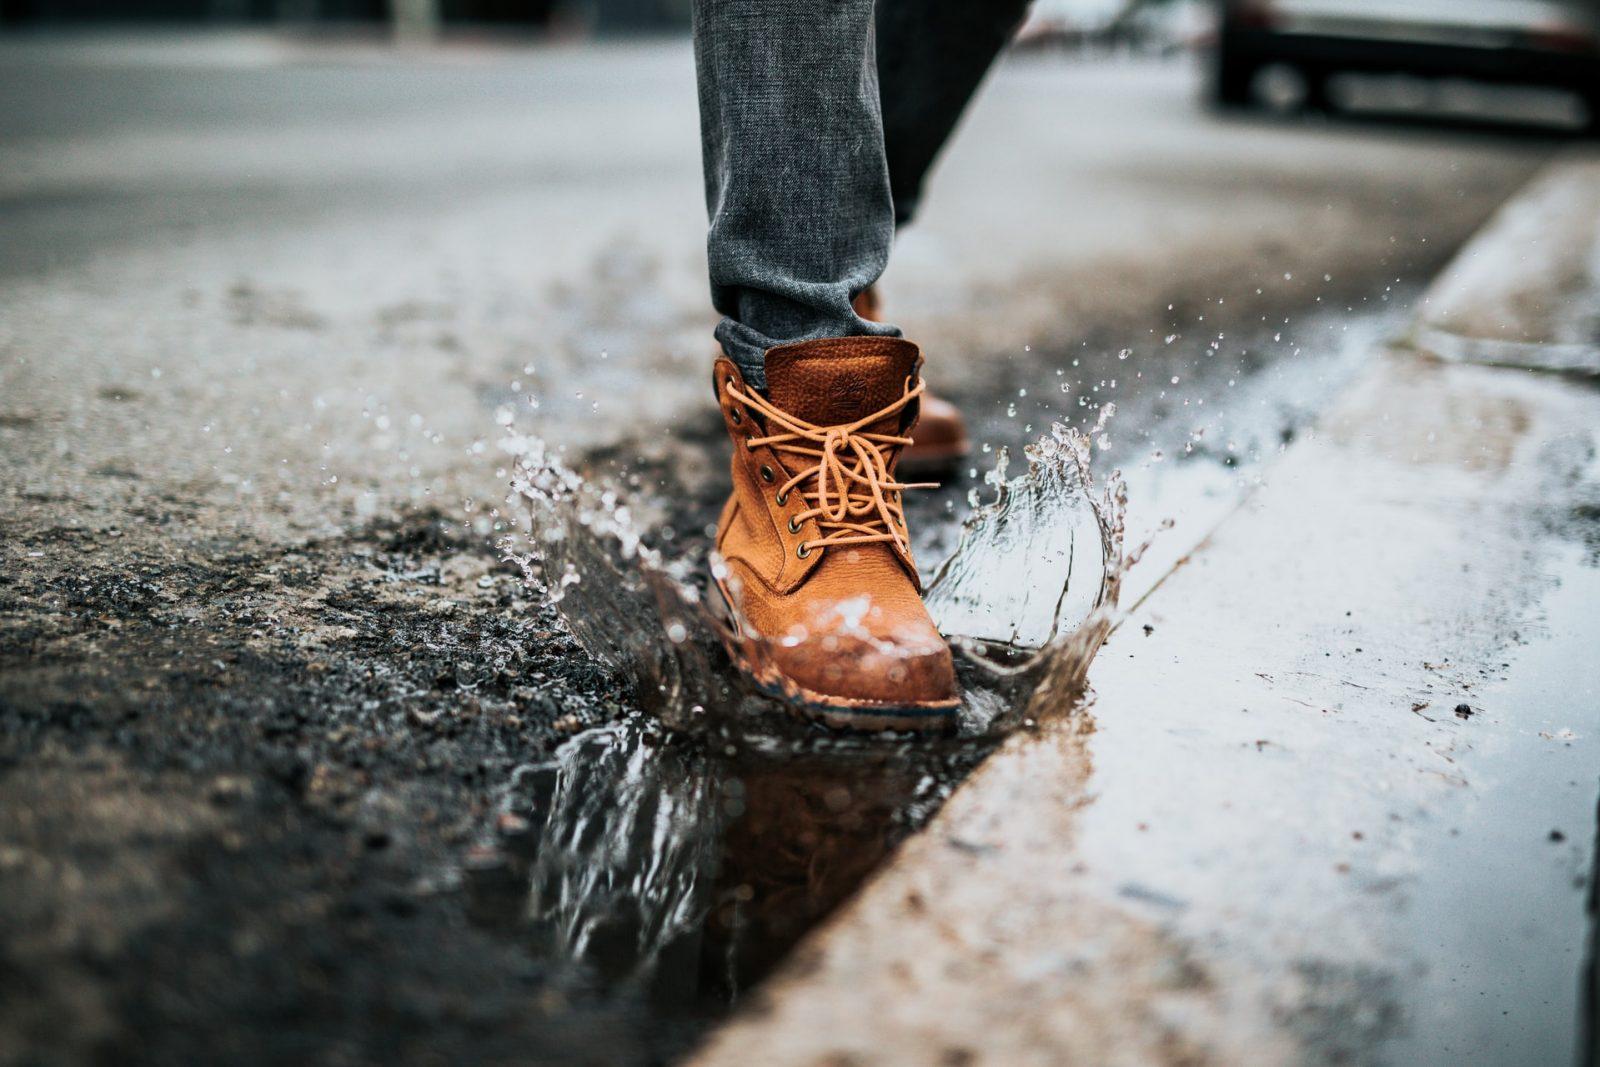 дождь лужа осень обувь